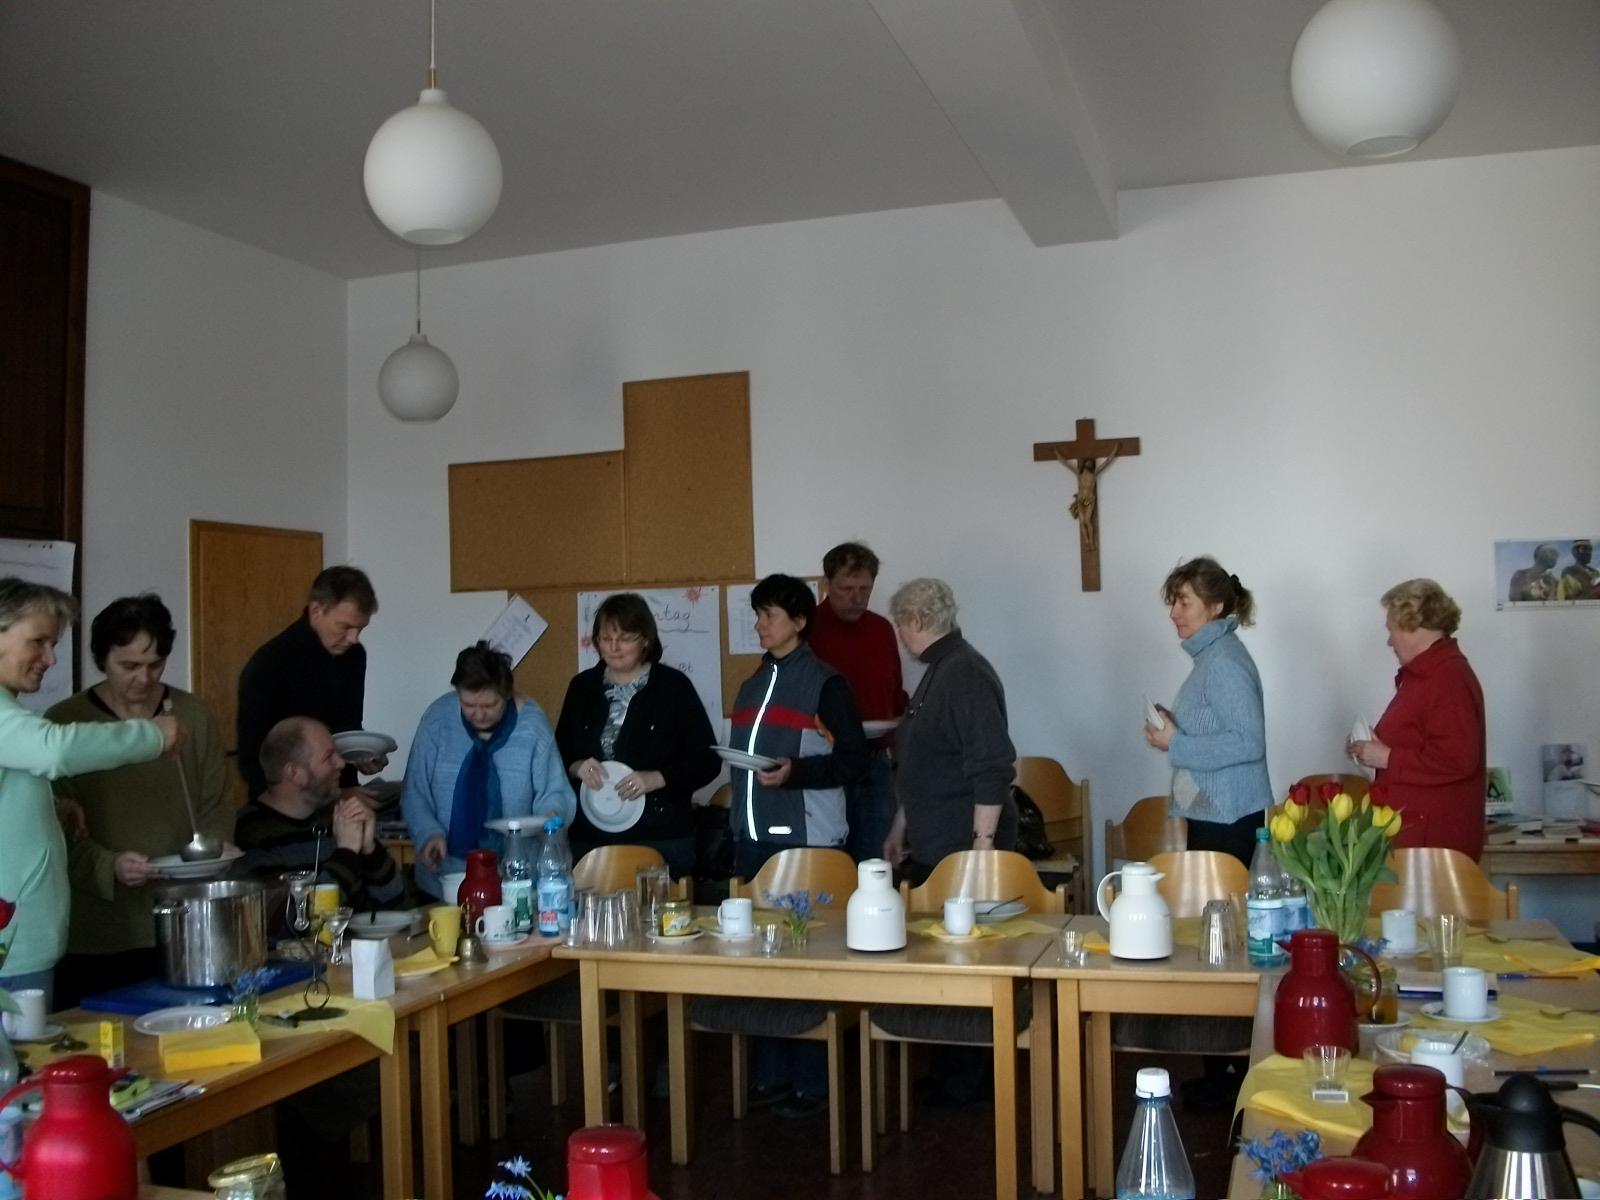 Anstehen zur Fastensuppe